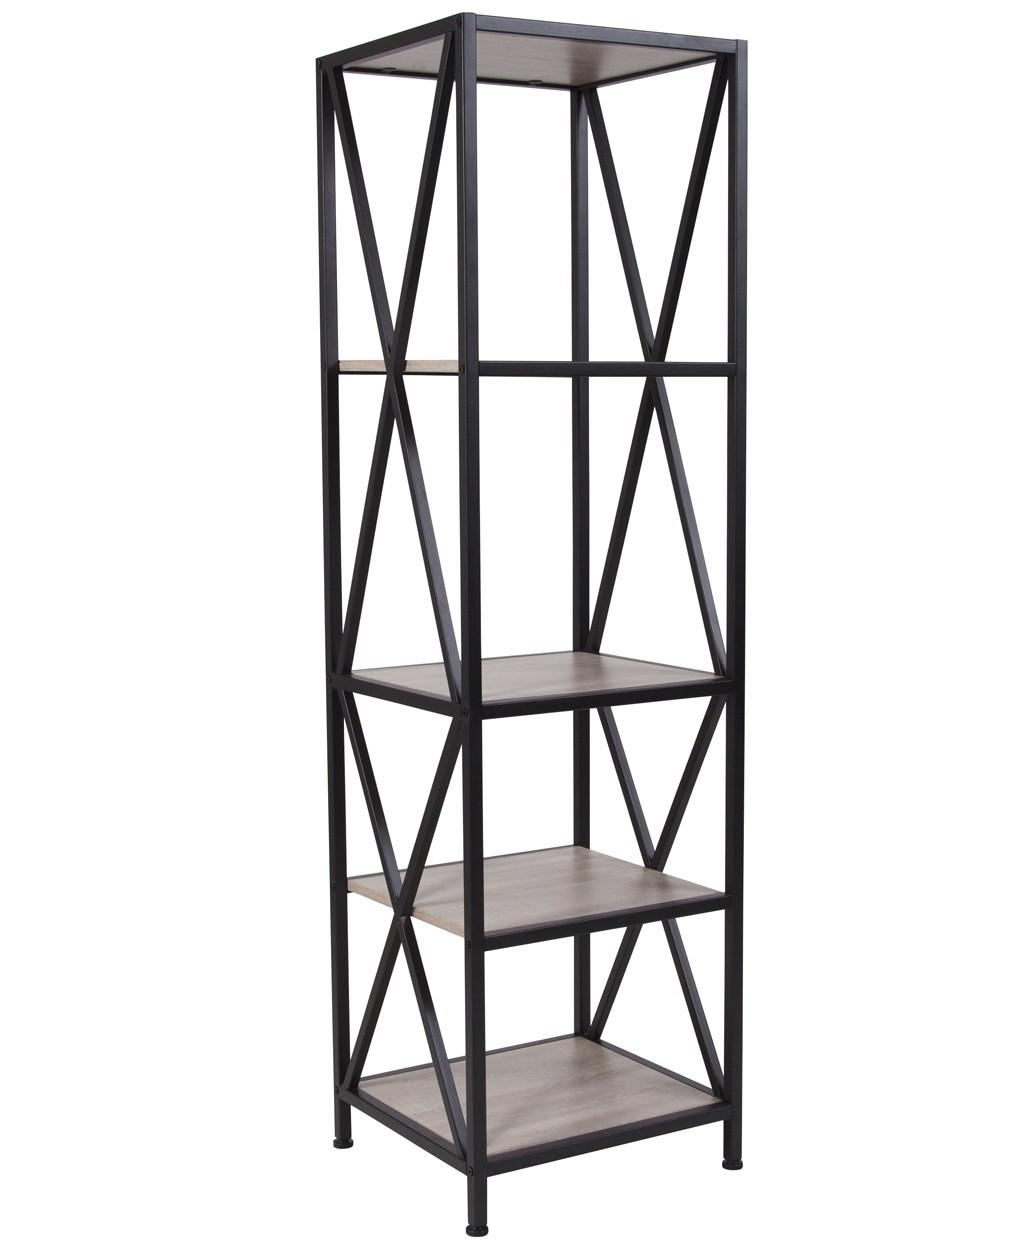 Bowen Tall Salon Retail Display Unit